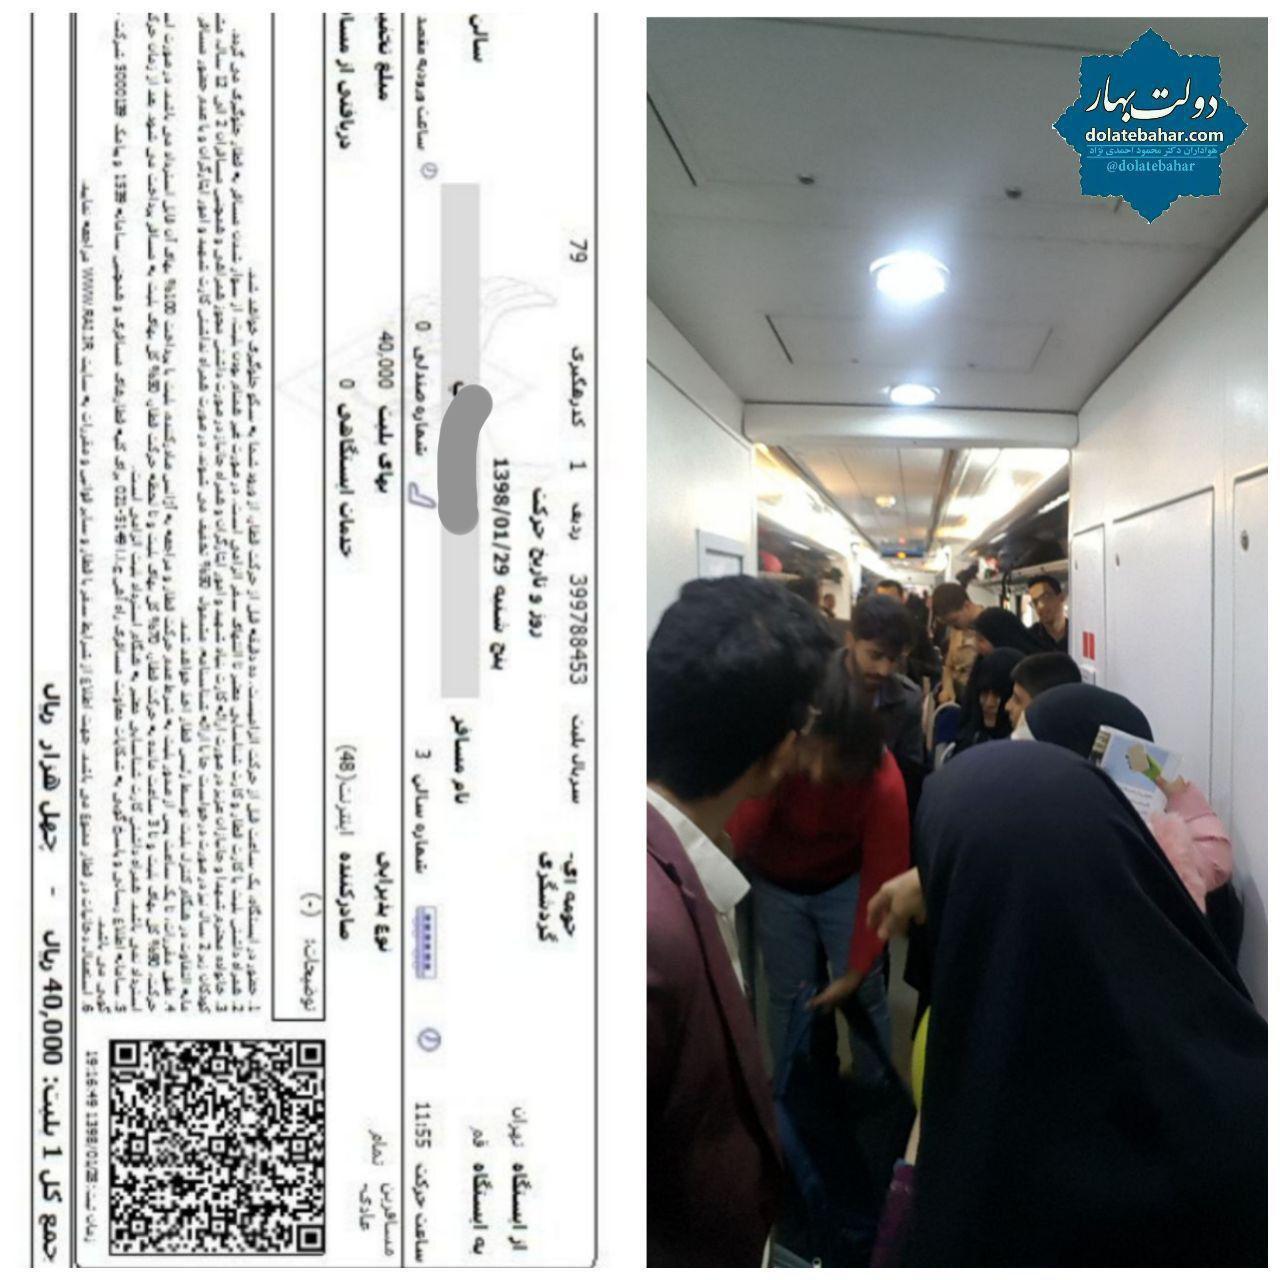 مسافران قطار تهران _ قم باید تا مقصد سرپا بایستند + عکس